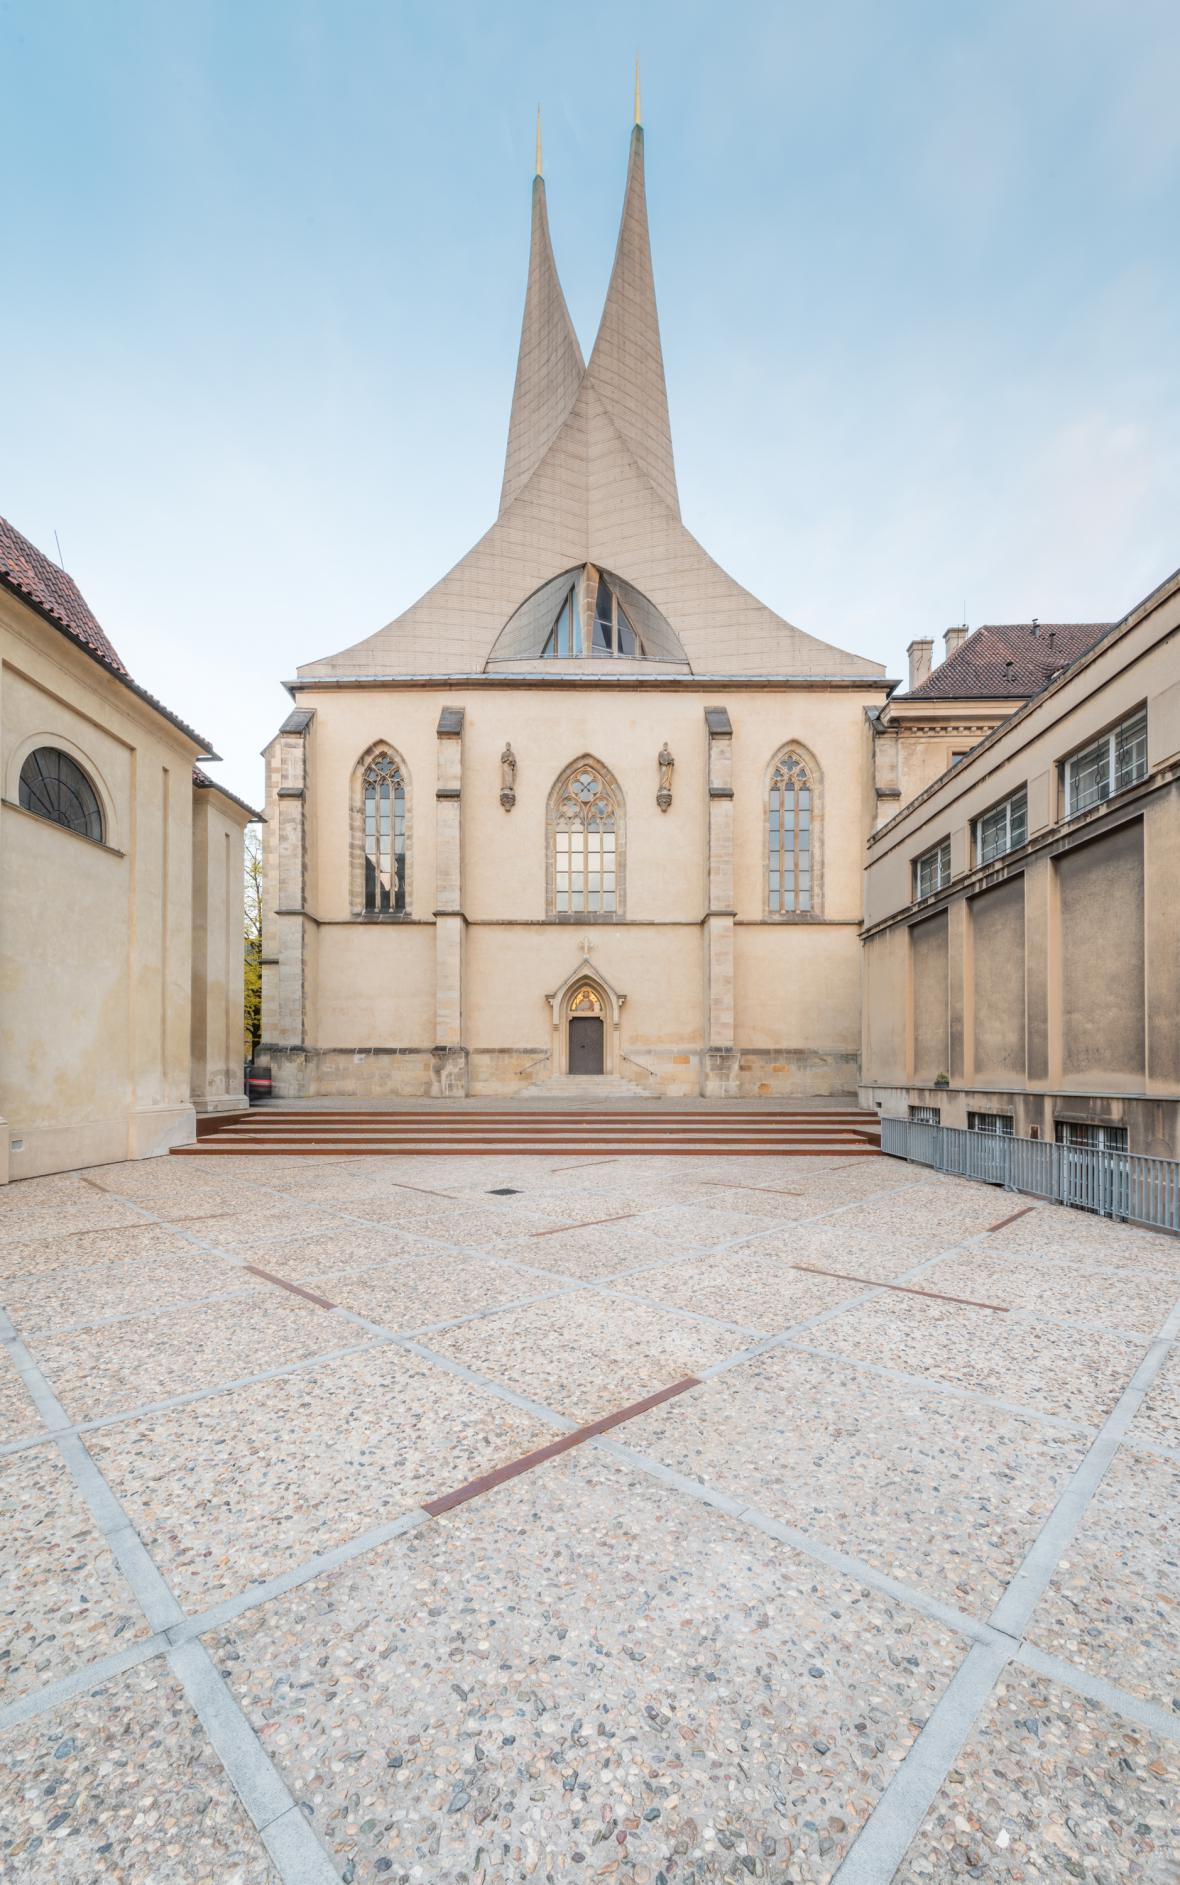 Piazzetta u kaple sv. Kosmy a Damiána v Emauzích, Praha